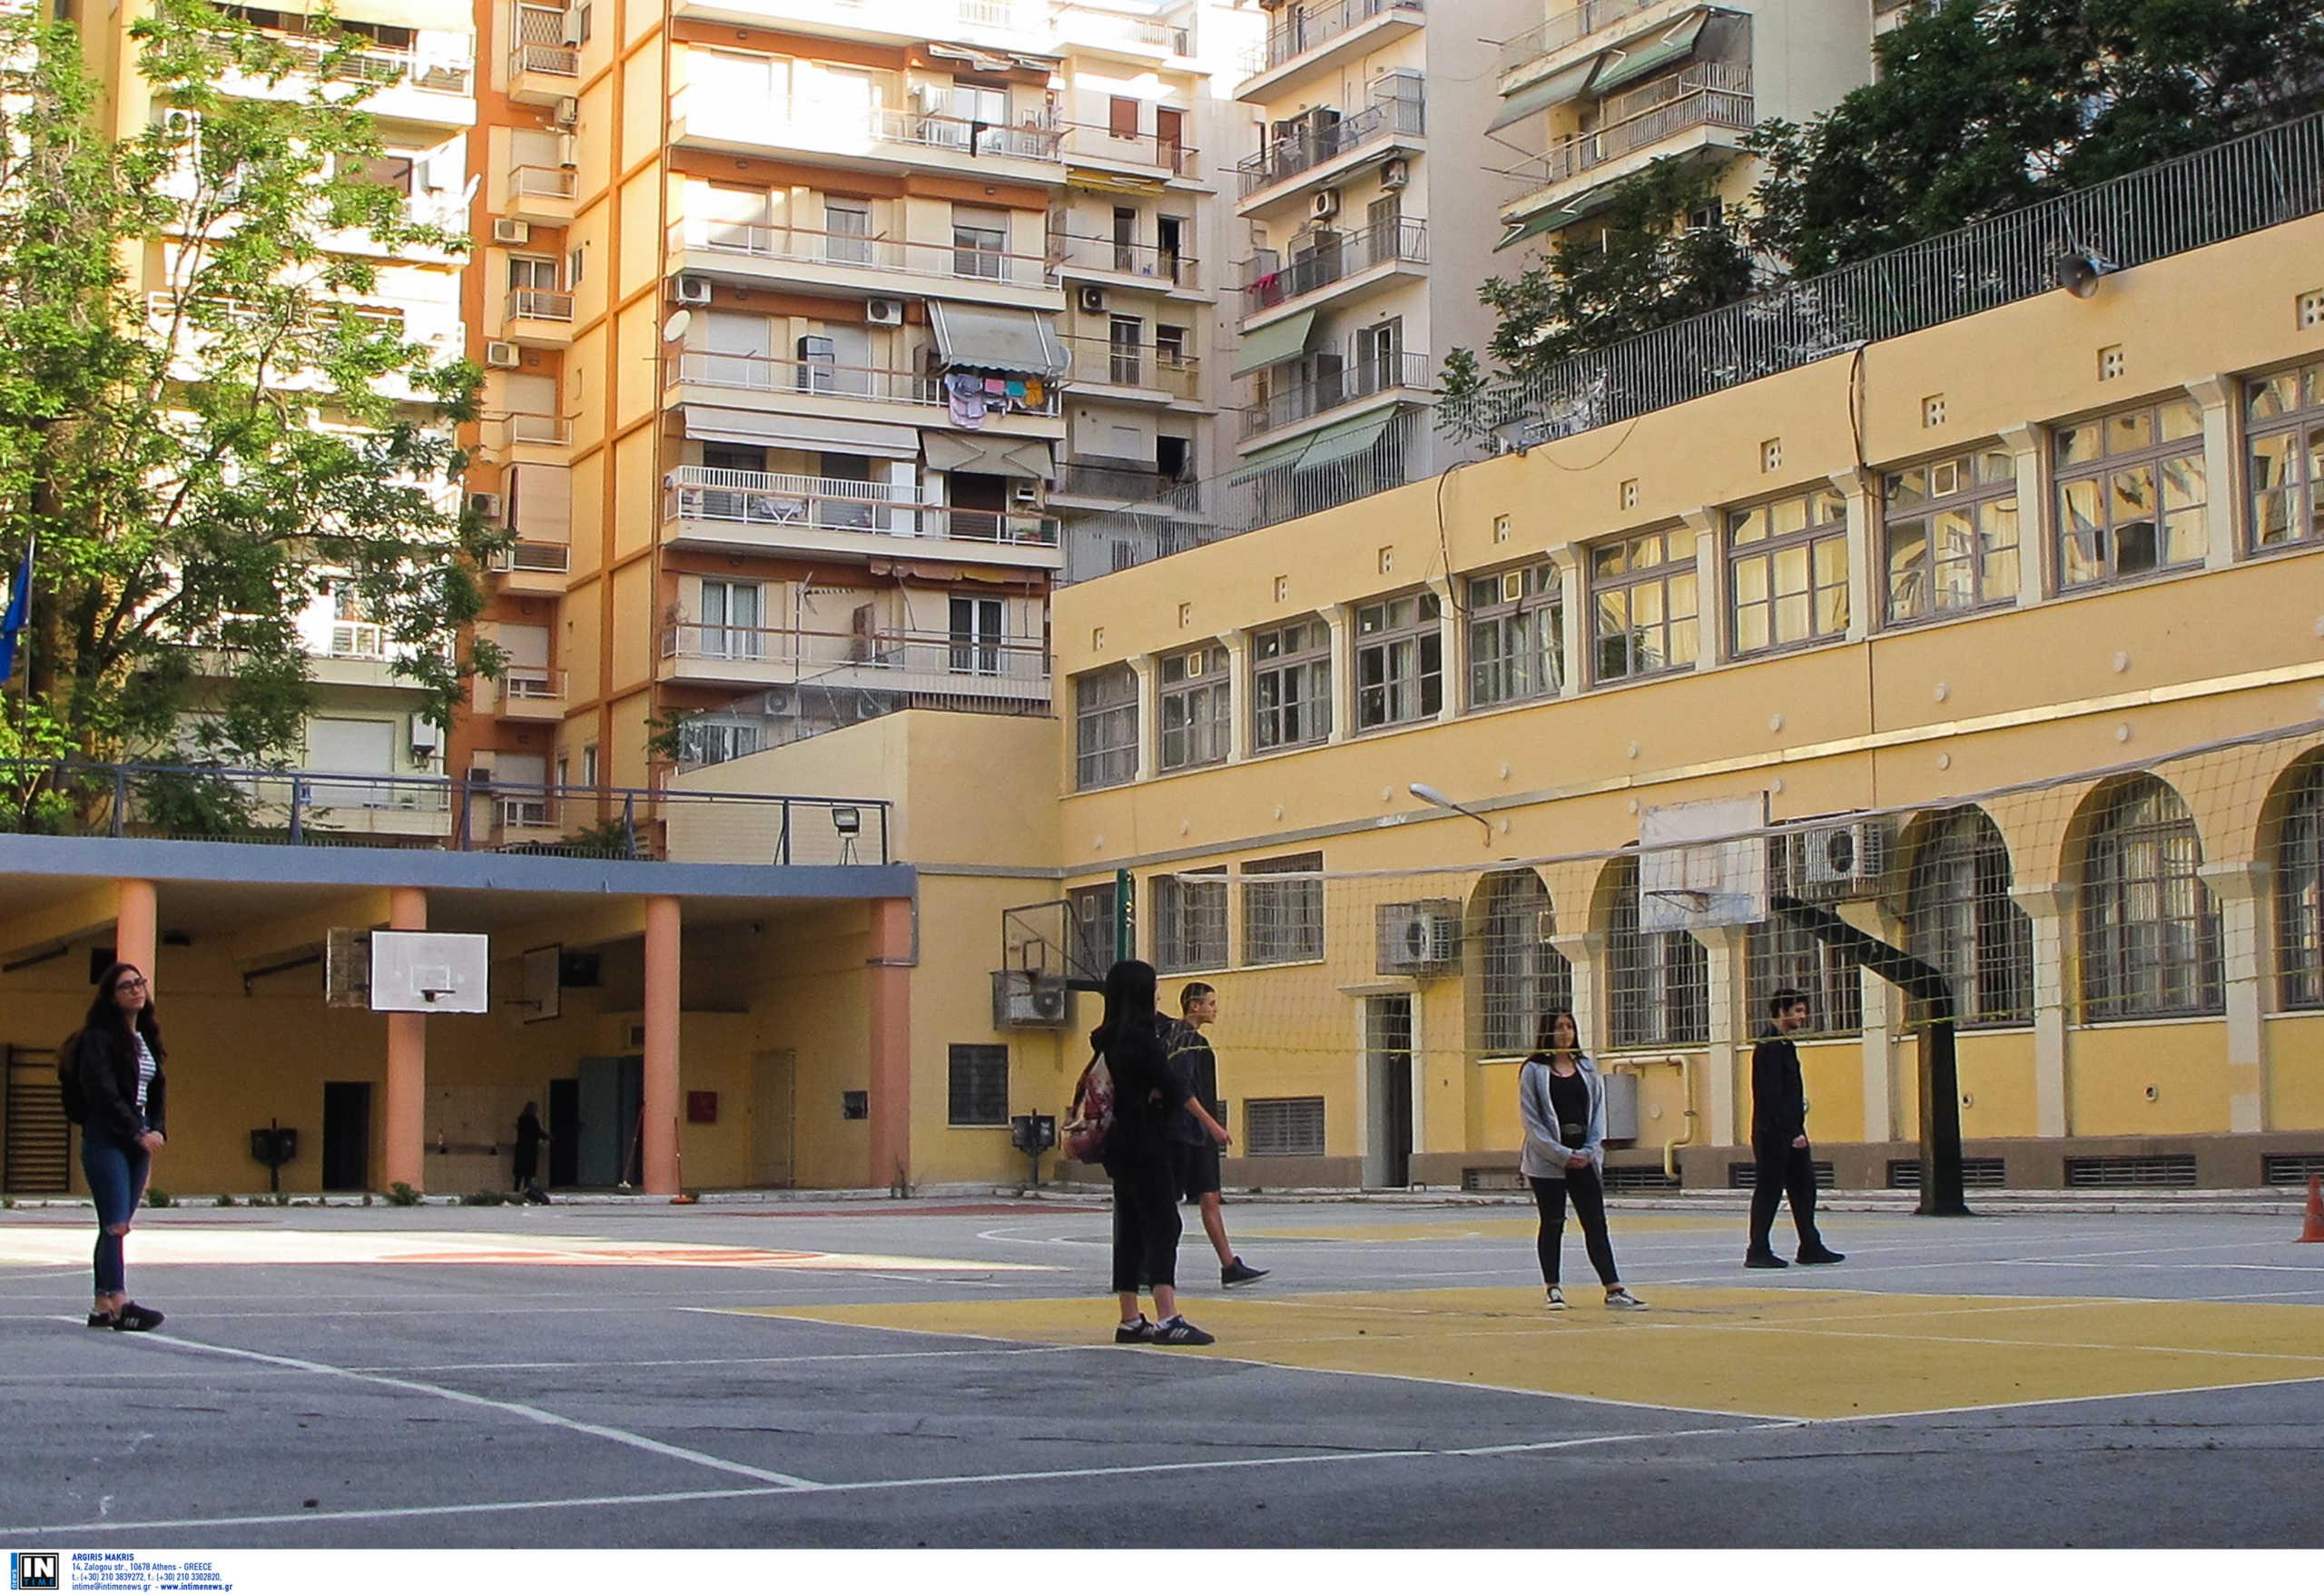 Θεσσαλονίκη: Μαχαίρωσαν νεαρό σε προαύλιο σχολείου μπροστά σε γονείς και παιδιά